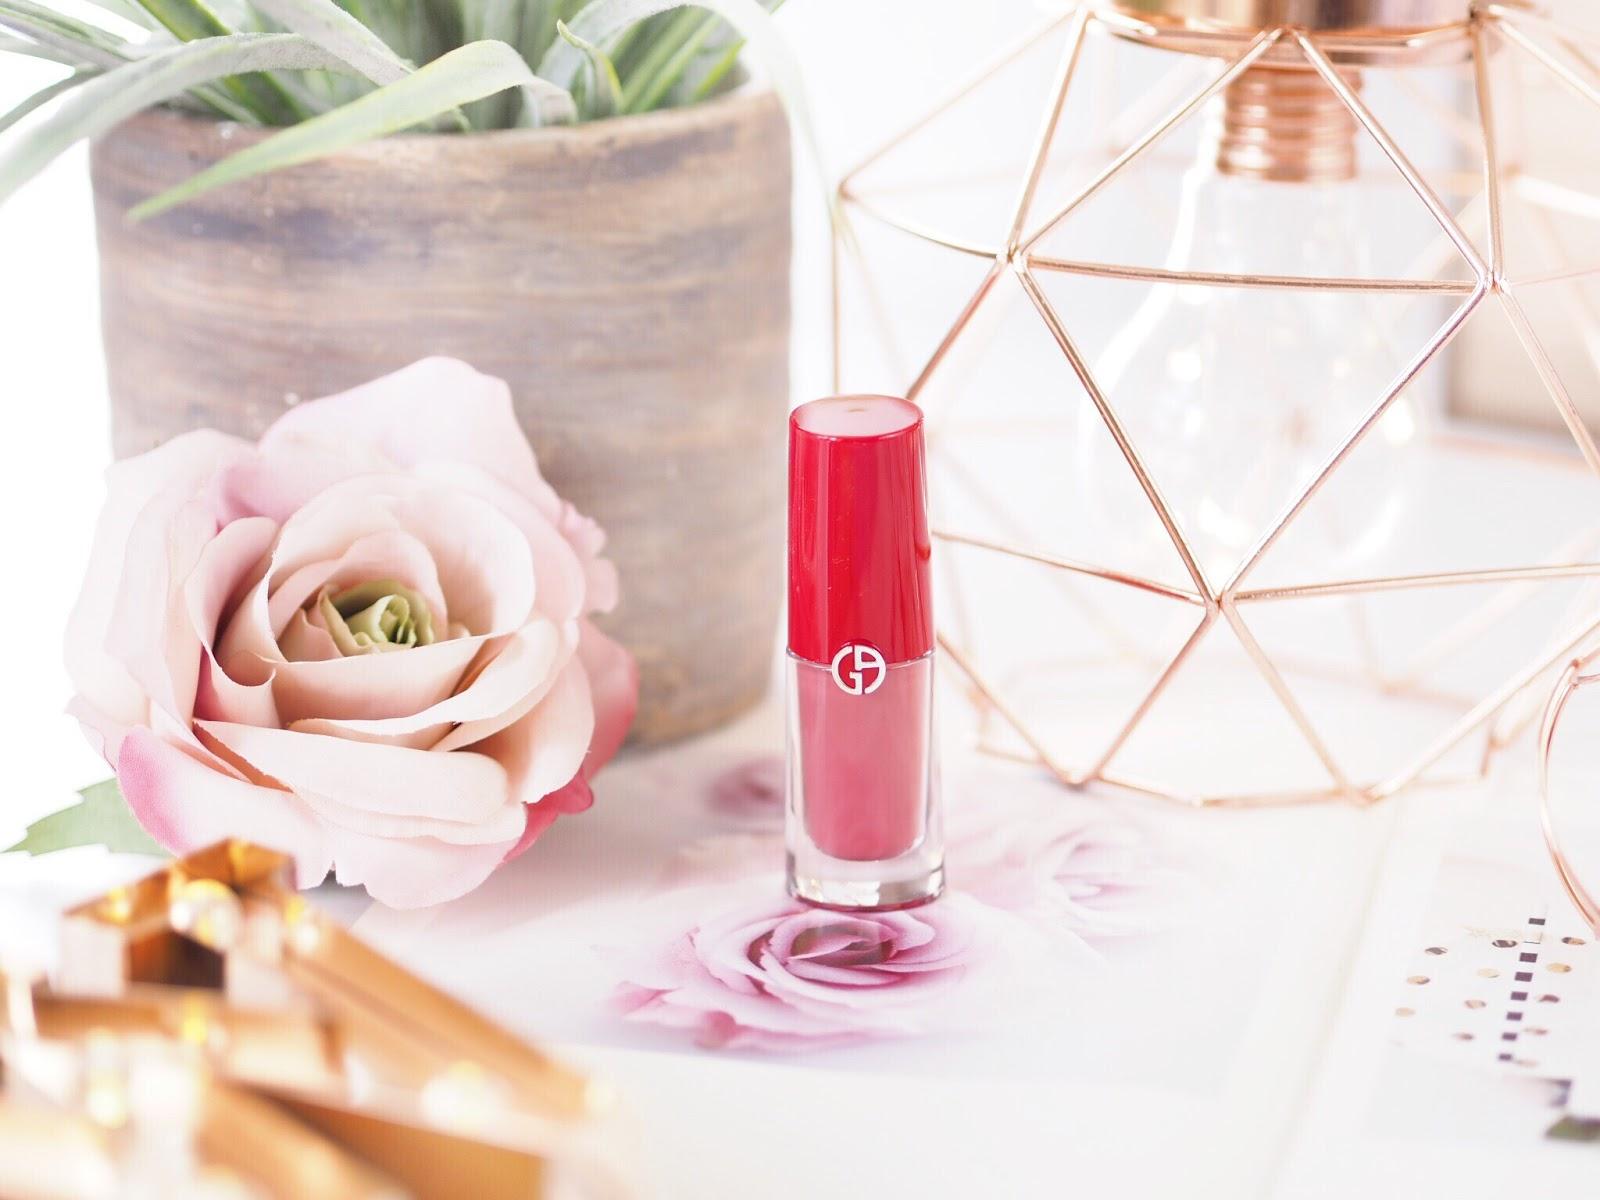 Giorgio Armani Lip Magne, Lip Magnet, pink lipstick, pink liquid lipstick